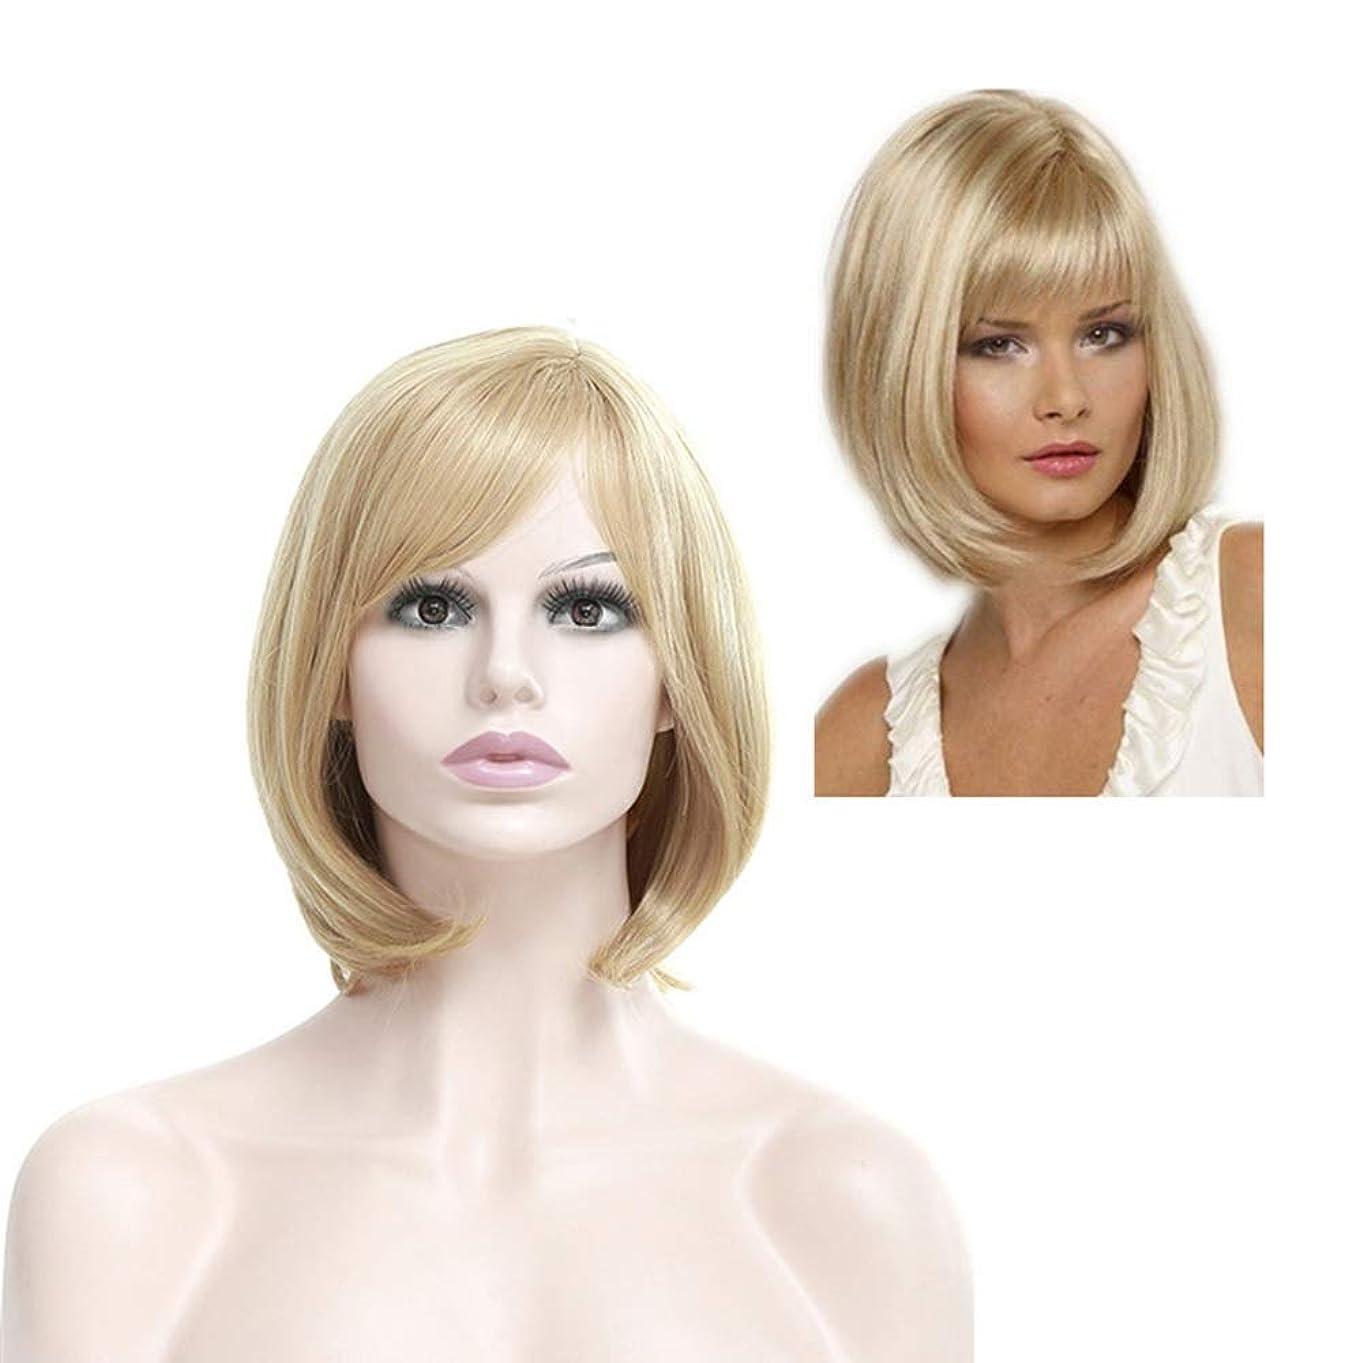 取るモンキーリムWASAIO 女性の短い巻き毛のかつらブロンドナチュラルに見えるストレートレディースデイリーヘアウィッグ (色 : Blonde)